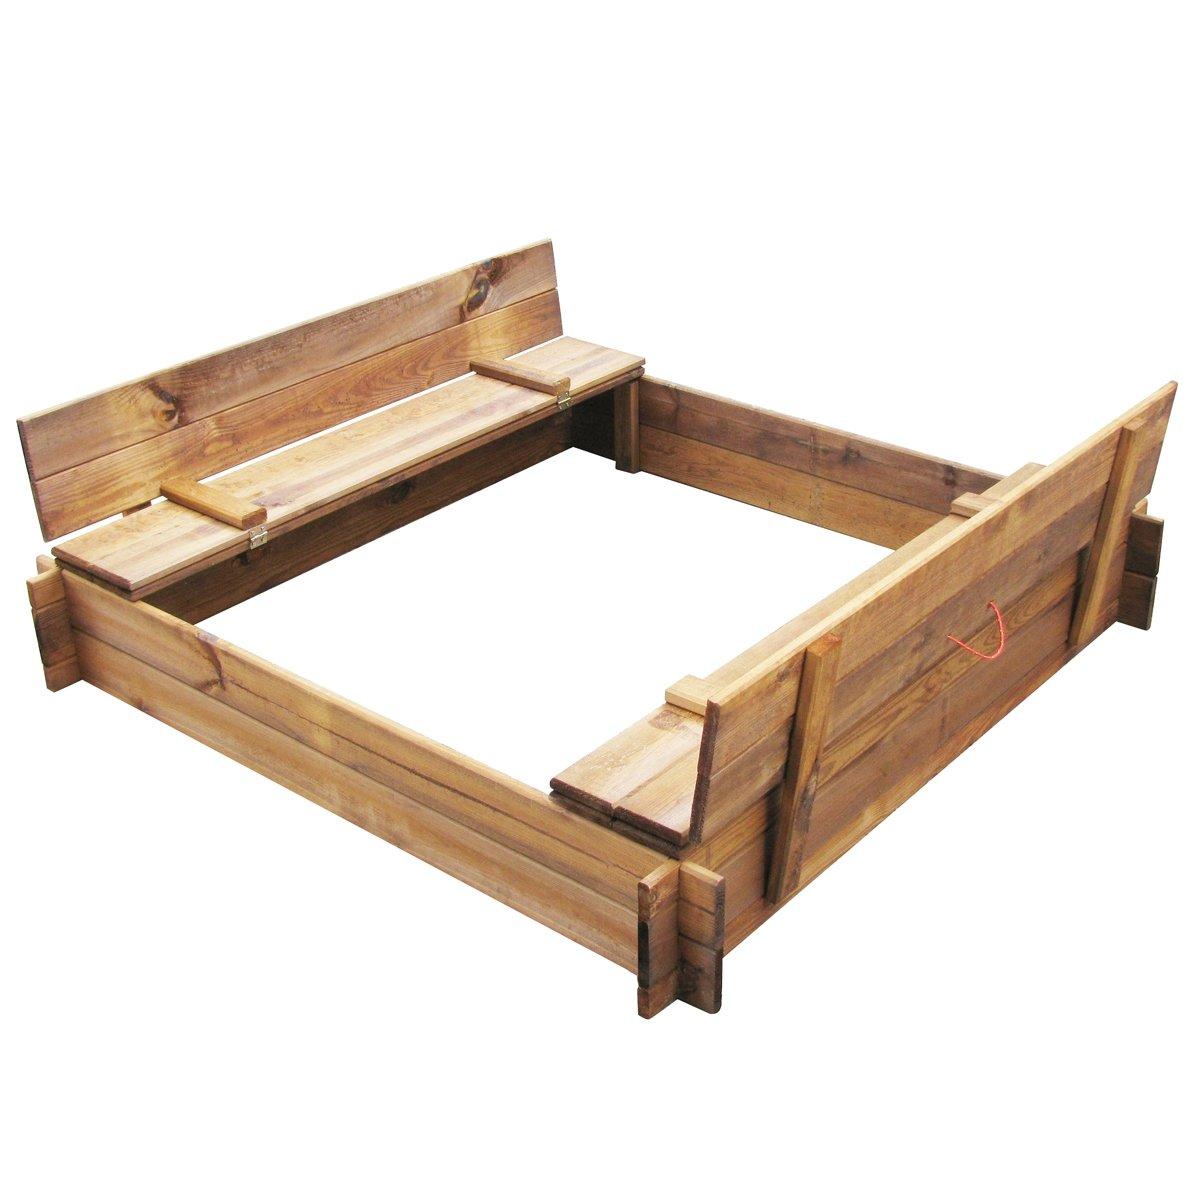 vidaXL Holz Sandkasten Sandkiste Buddelkiste Sandbox mit Deckel Sitzbänken 120x120 cm